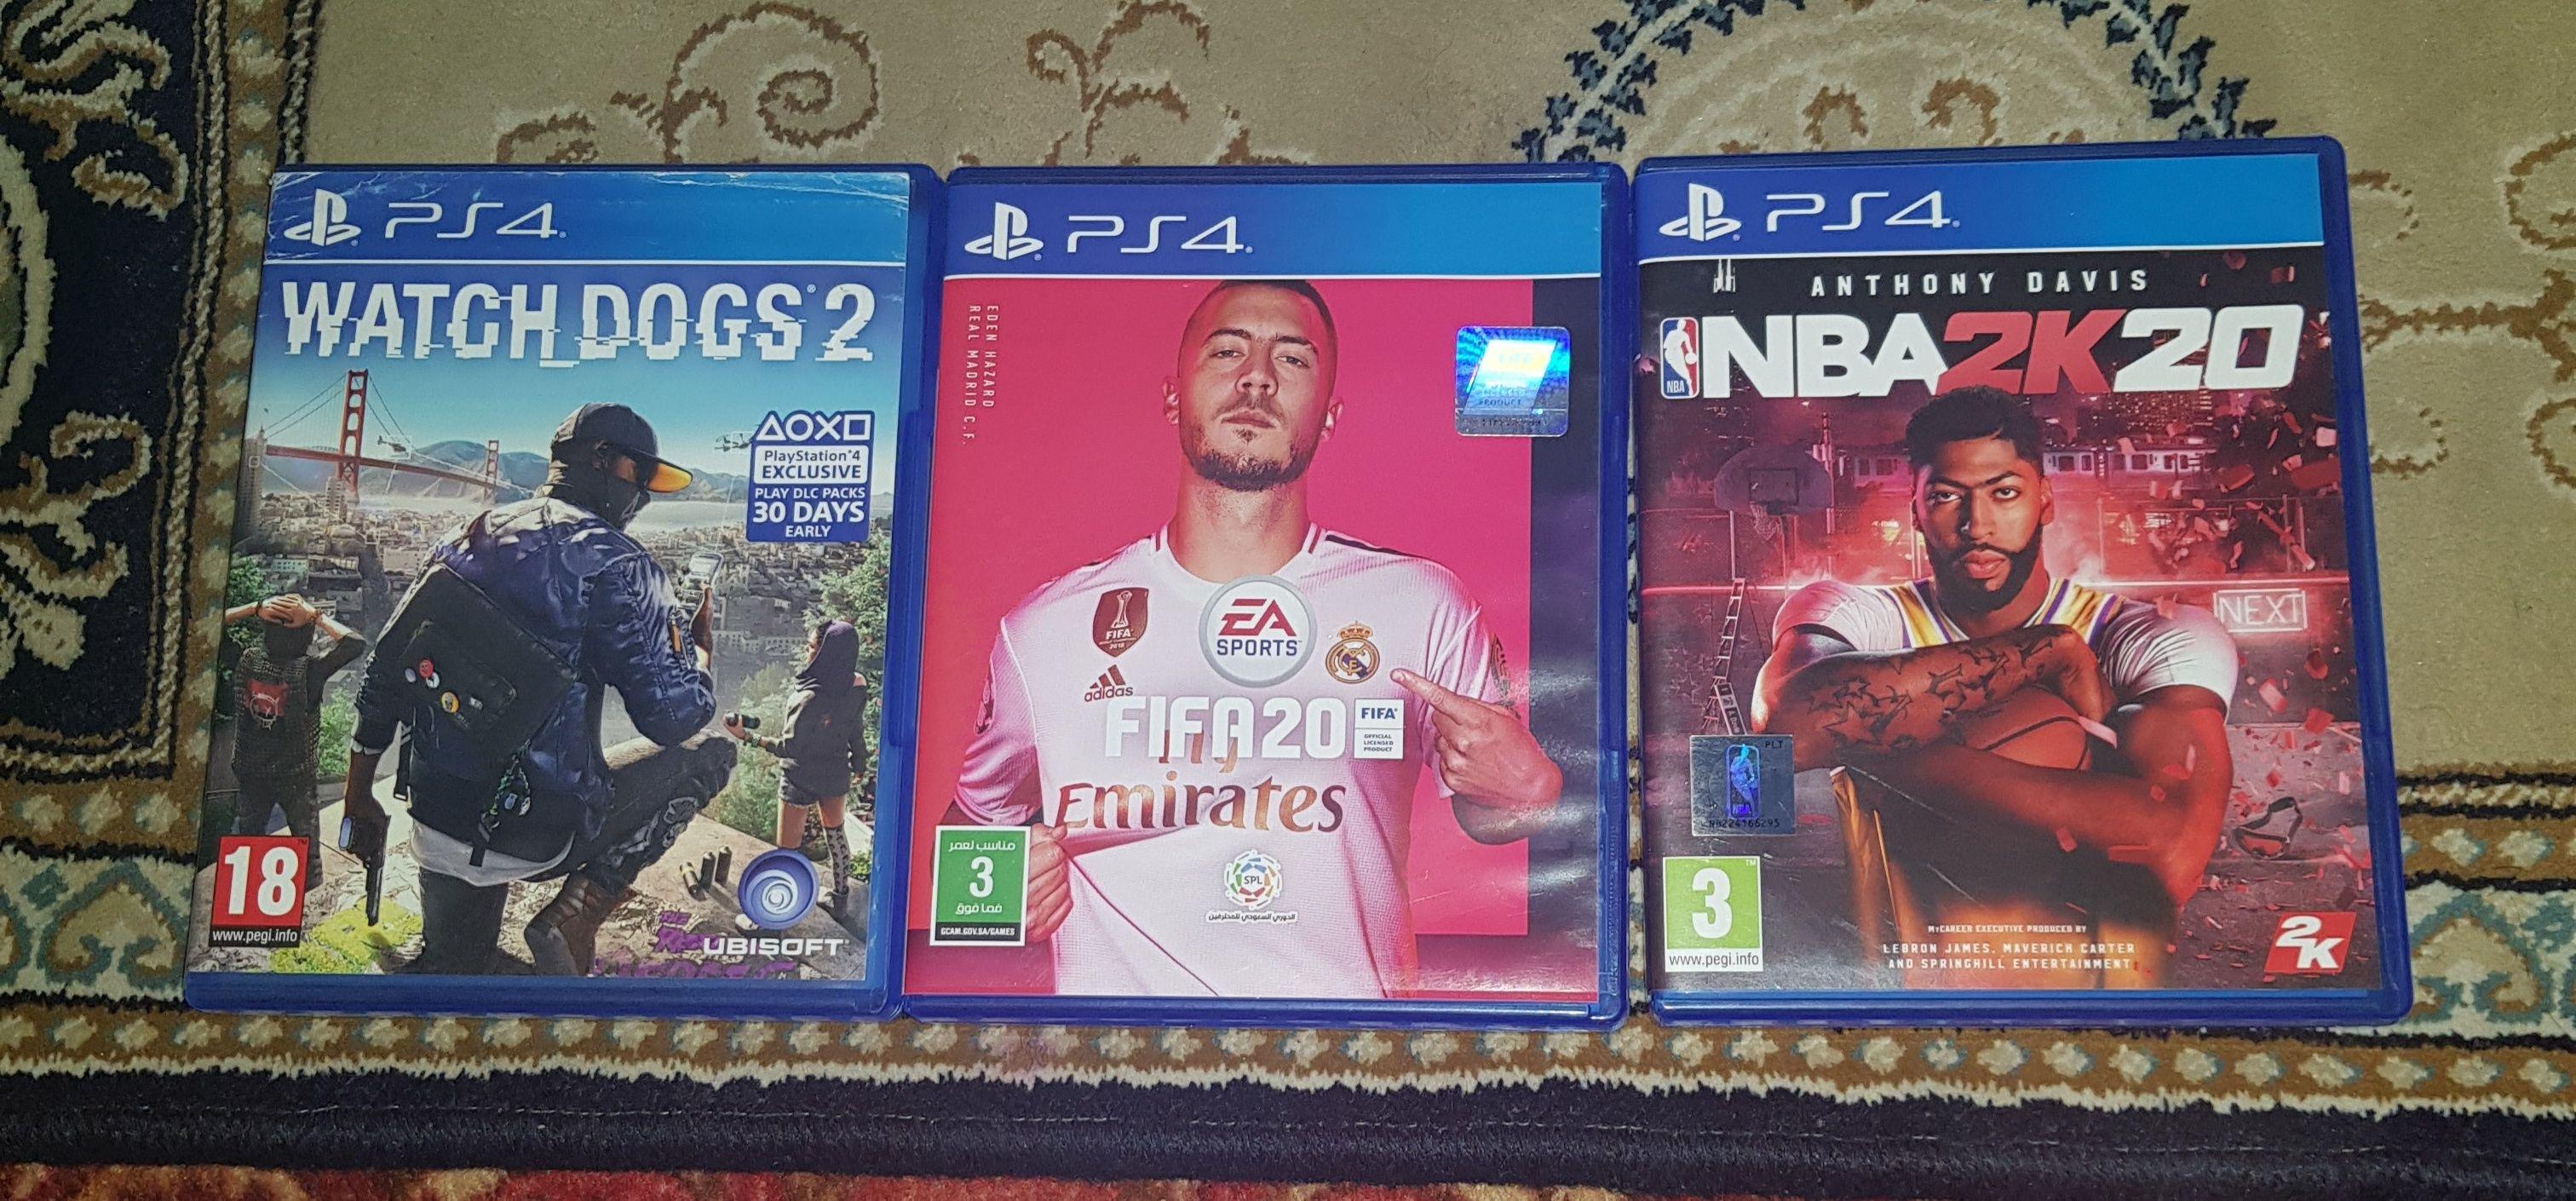 للبيع سيديات بلي ستيشن٤ Watch_Dogs2 و فيفا ٢٠ و NBA 2k20